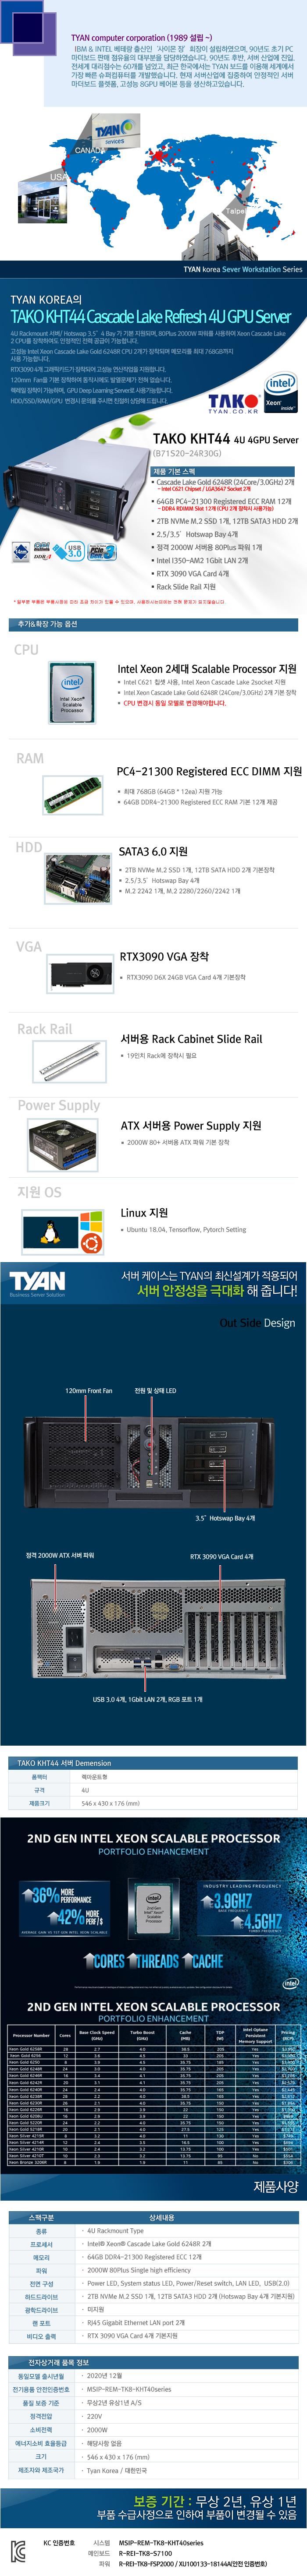 TYAN TAKO-KHT44-(B71S20-24R30G)-RTX3090 4GPU (768GB, M2 2TB + 24TB)